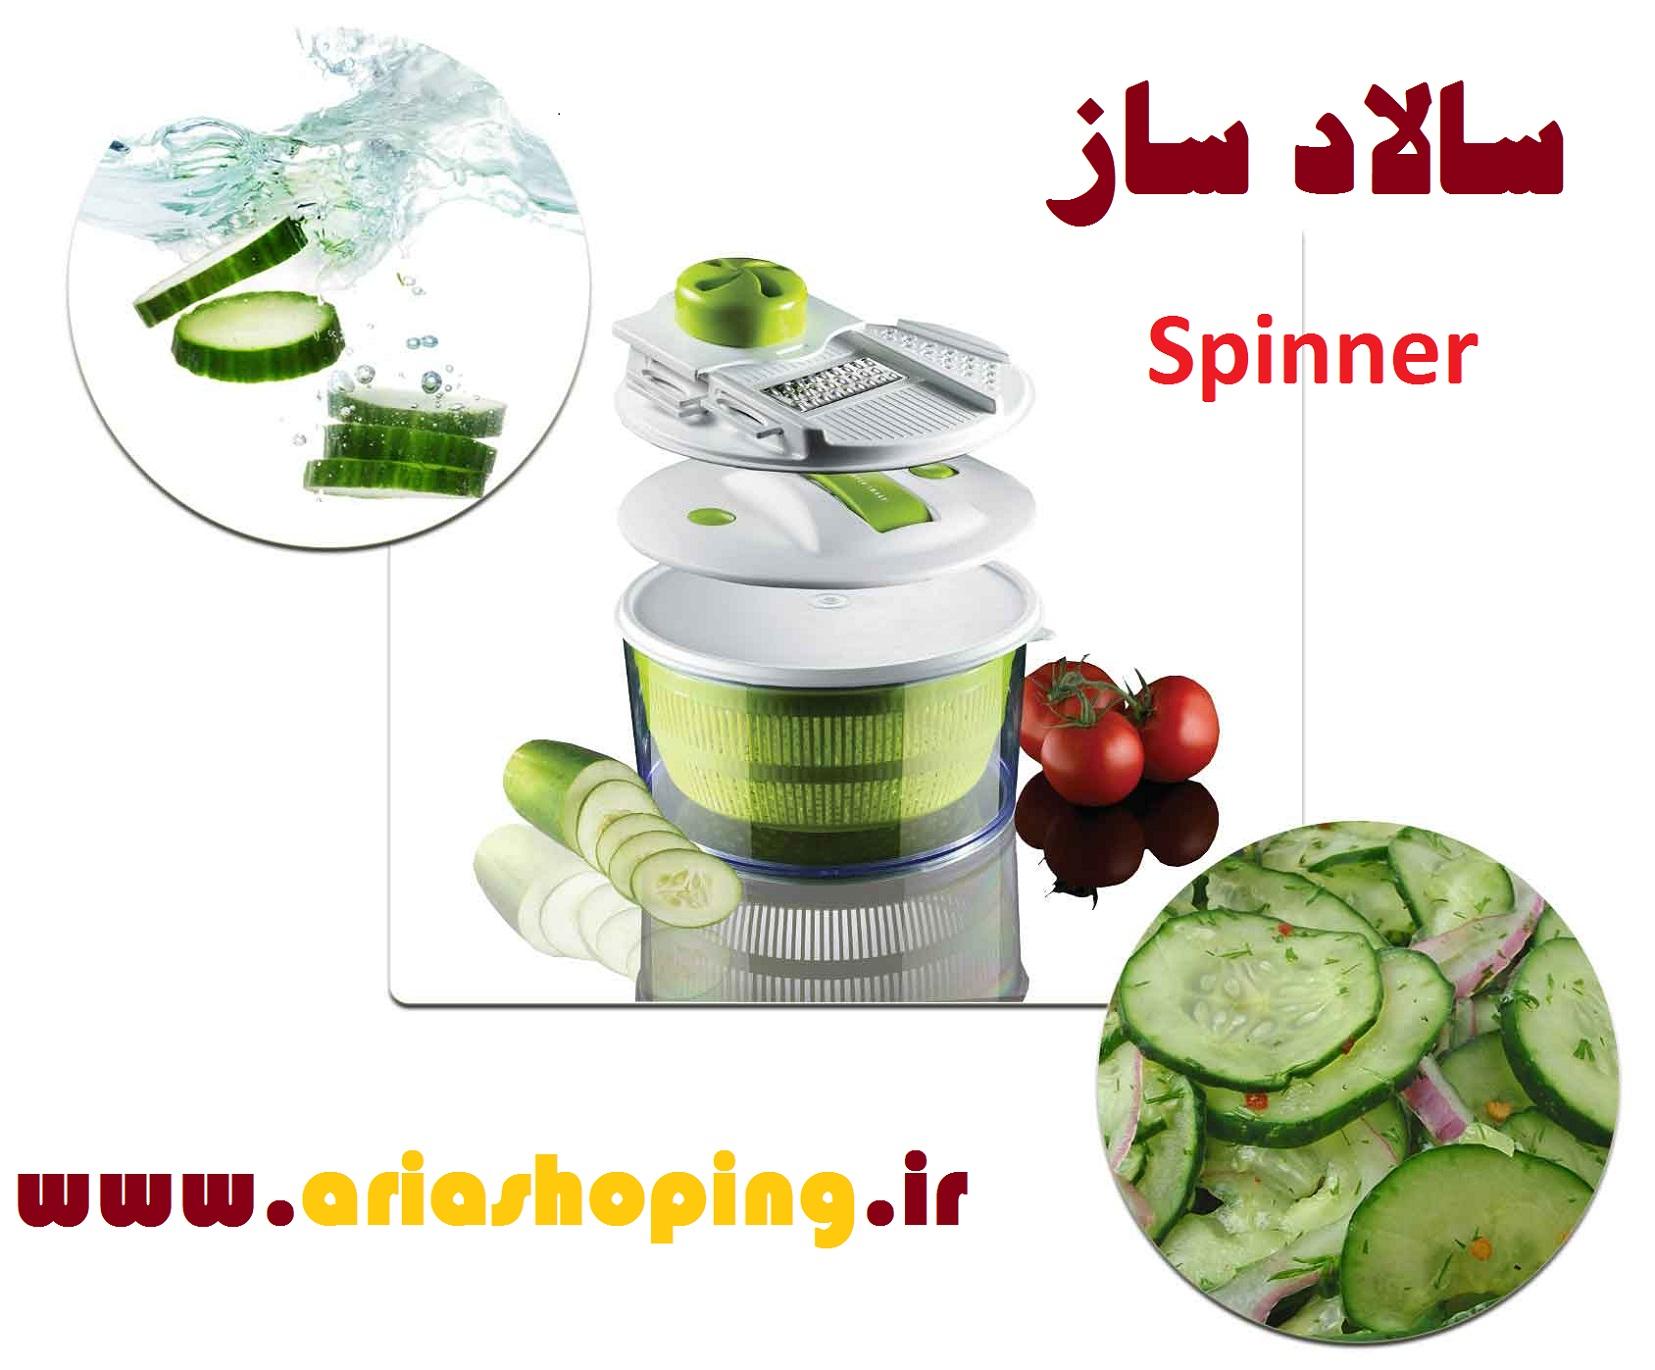 خرید اینترنتی سالاد ساز Spinner